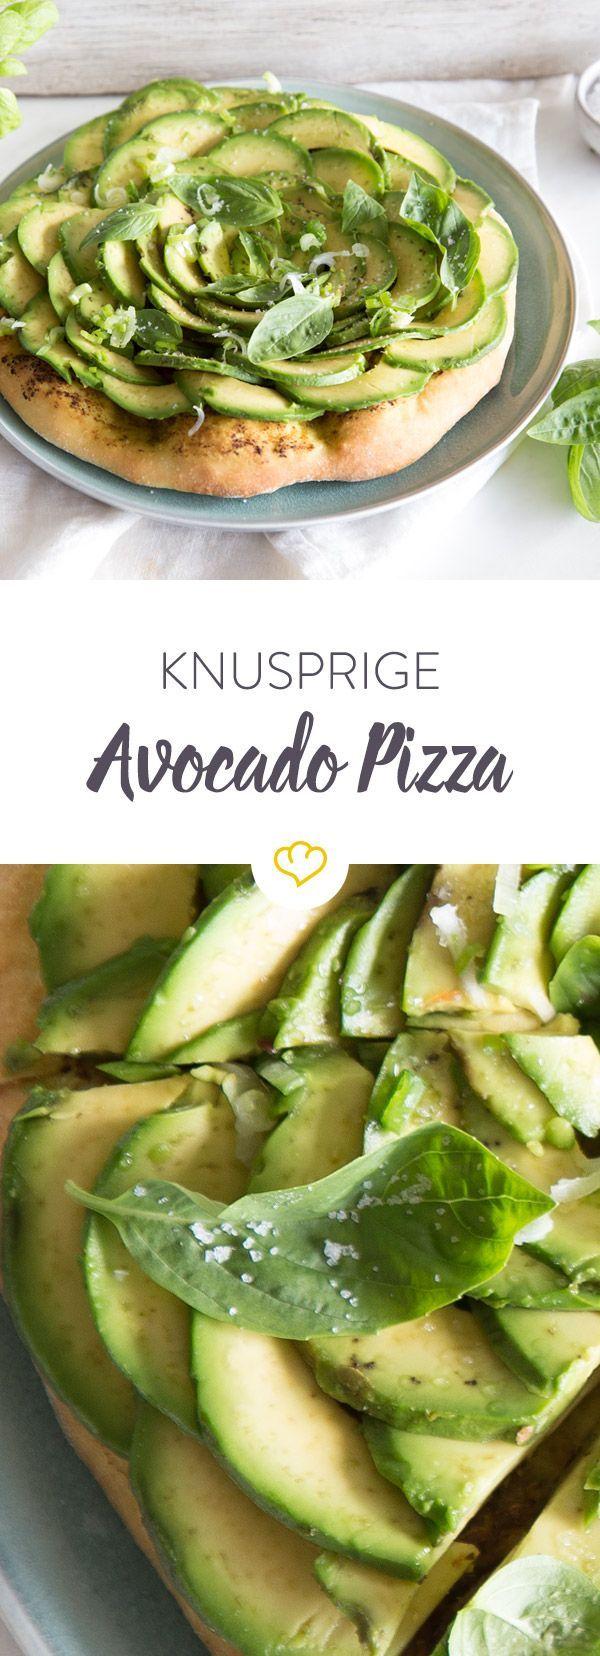 Das beste Duo seit Tomate und Mozzarella? Grünes Pesto und Avocado! Aber nicht im Salat oder in deiner Pasta, sondern auf knusprigem Pizzaboden.